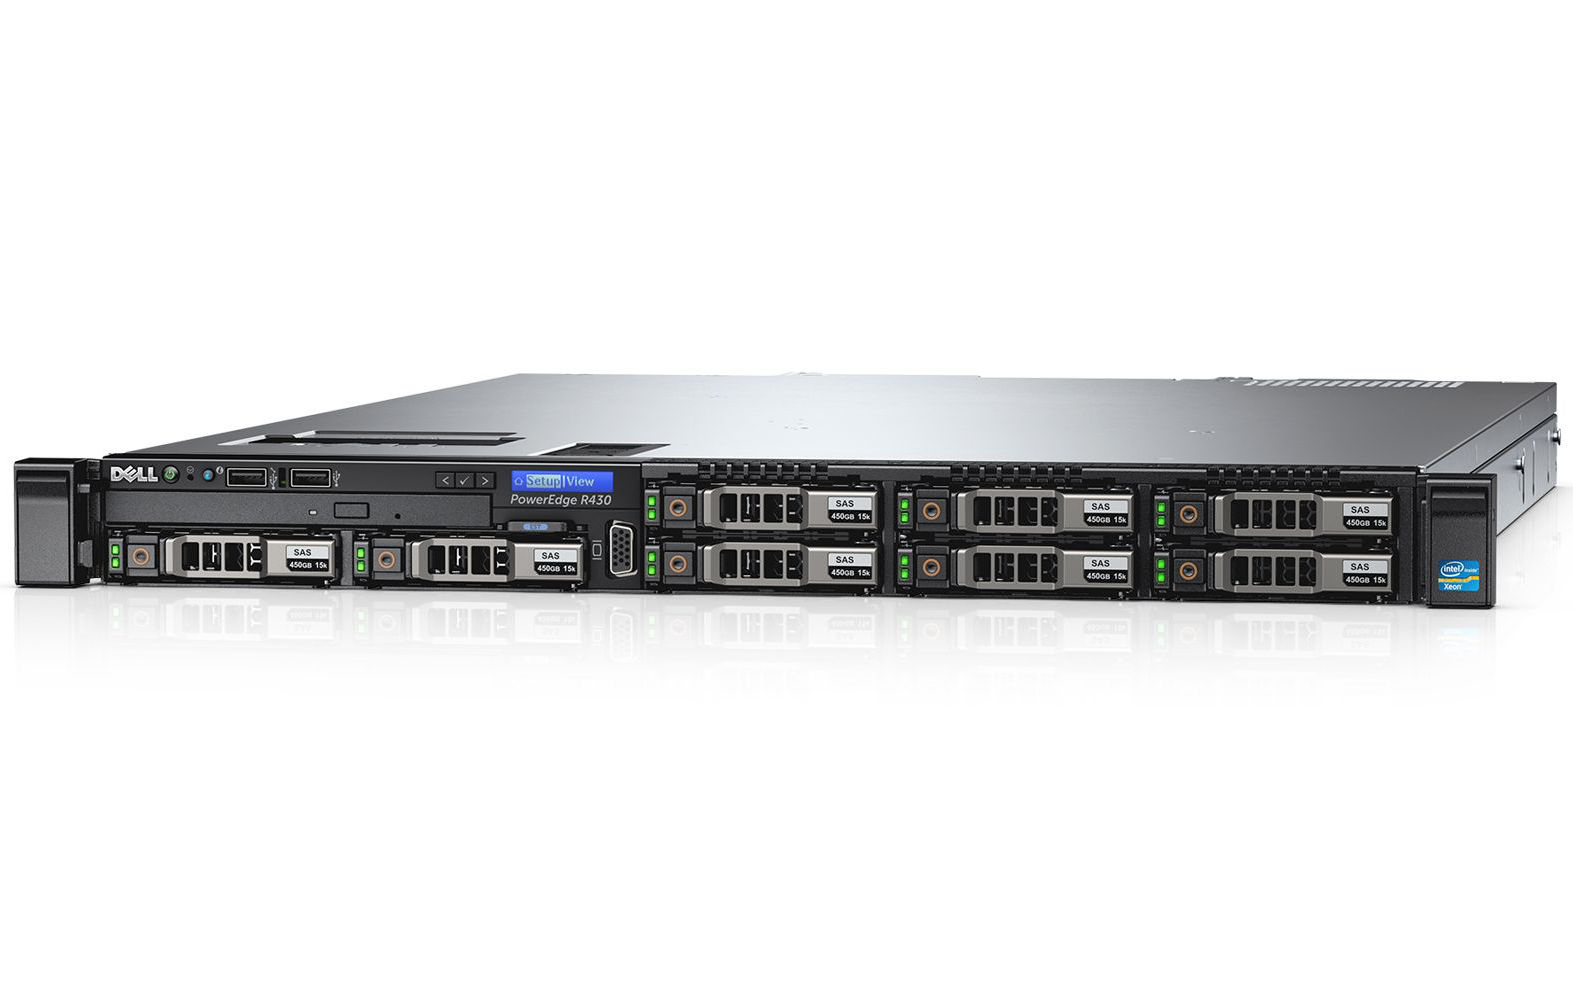 DELL PowerEdge R430 1.7GHz E5-2609V4 Rack (1U) server